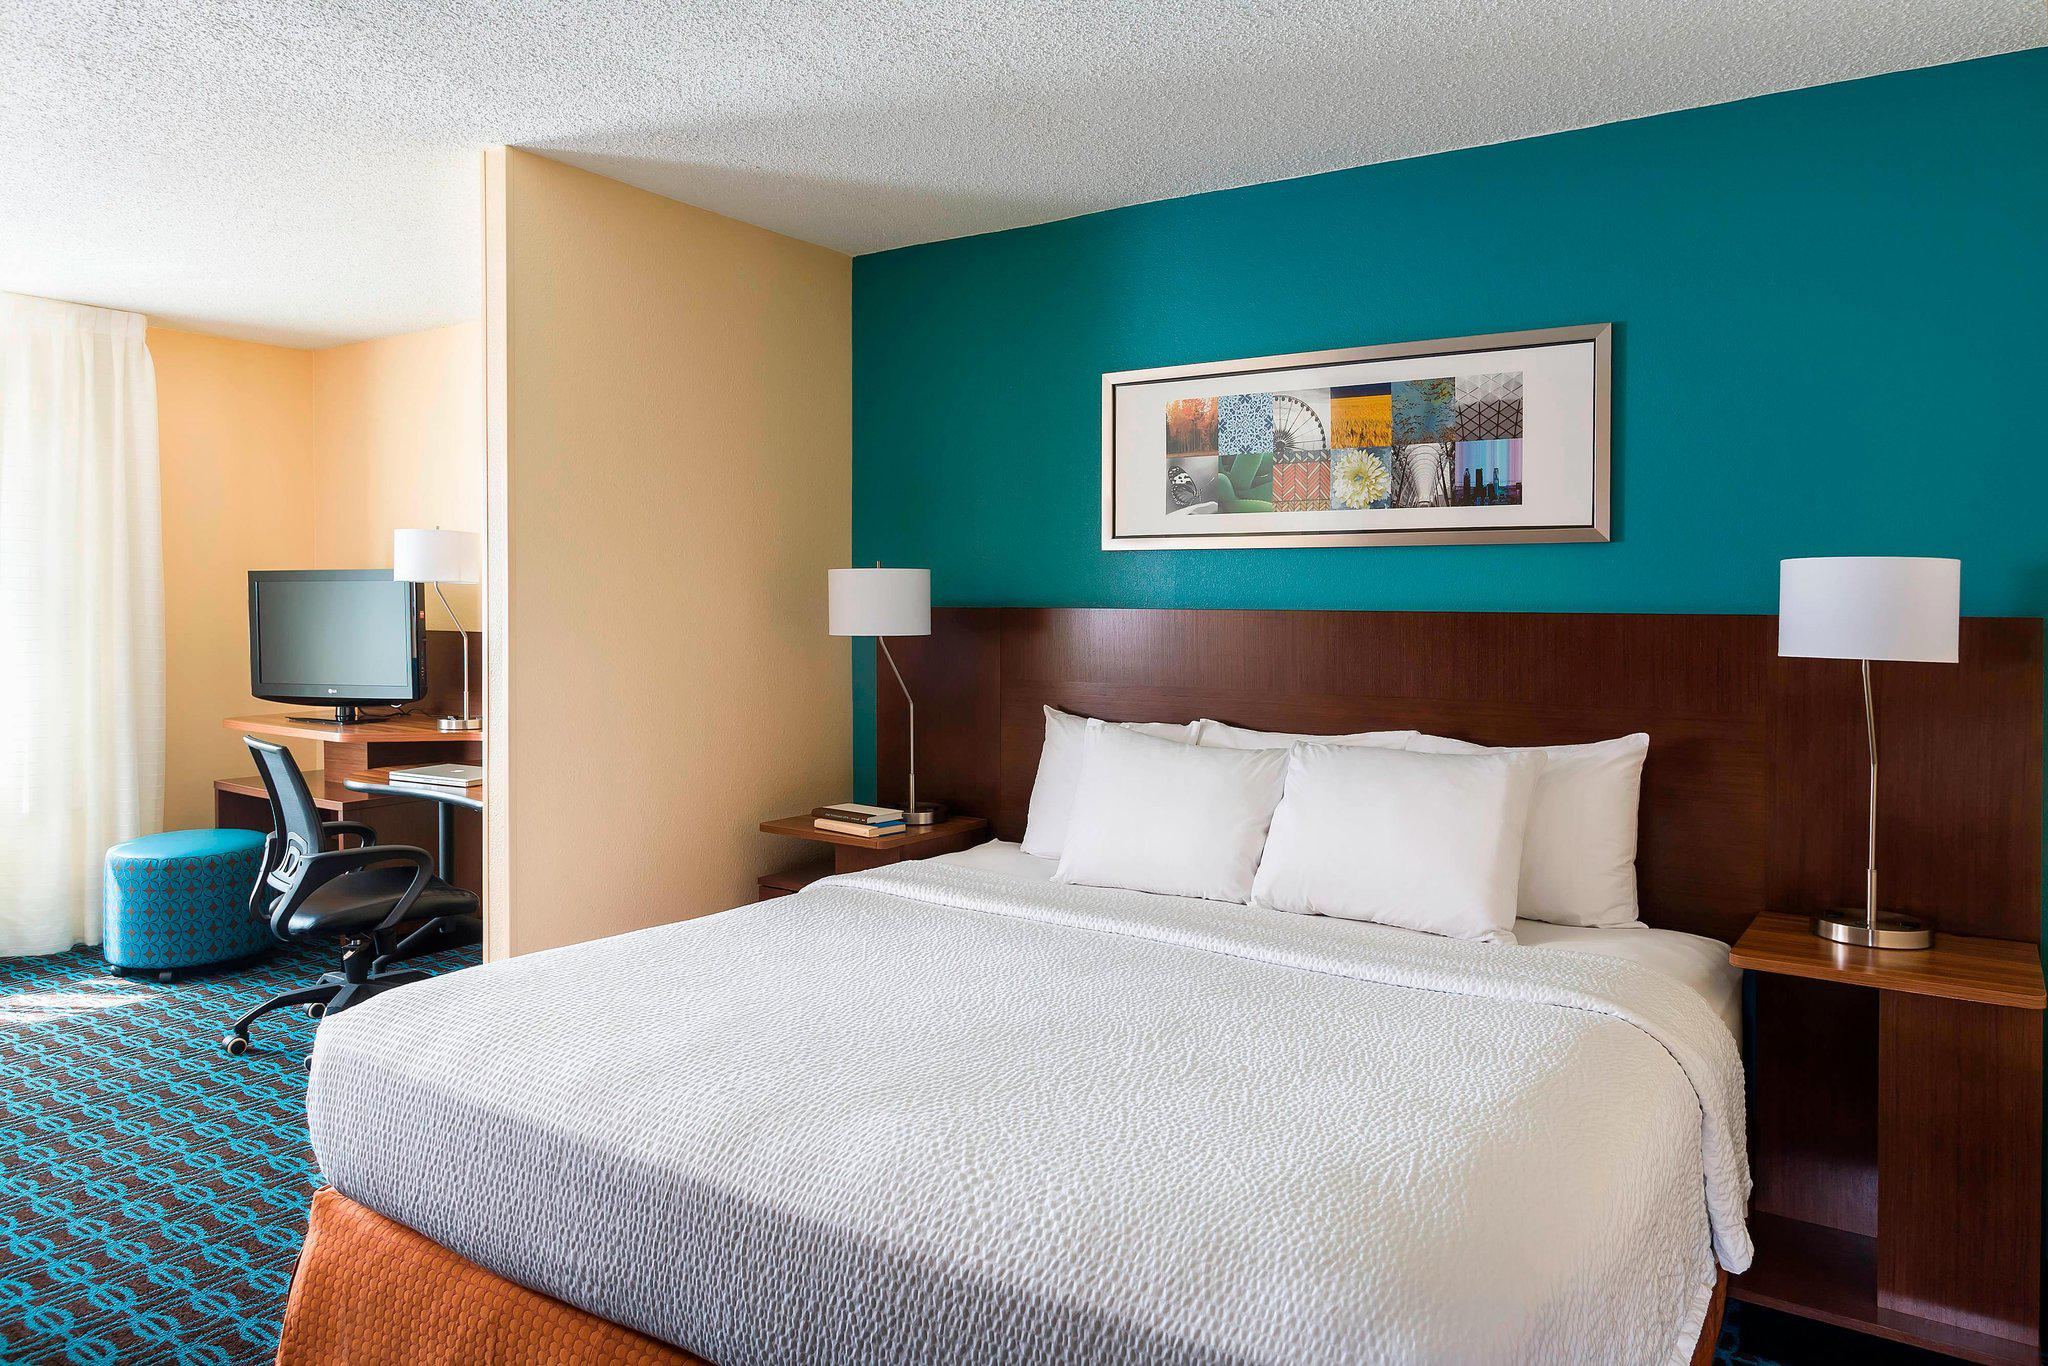 Fairfield Inn & Suites by Marriott Dallas Park Central